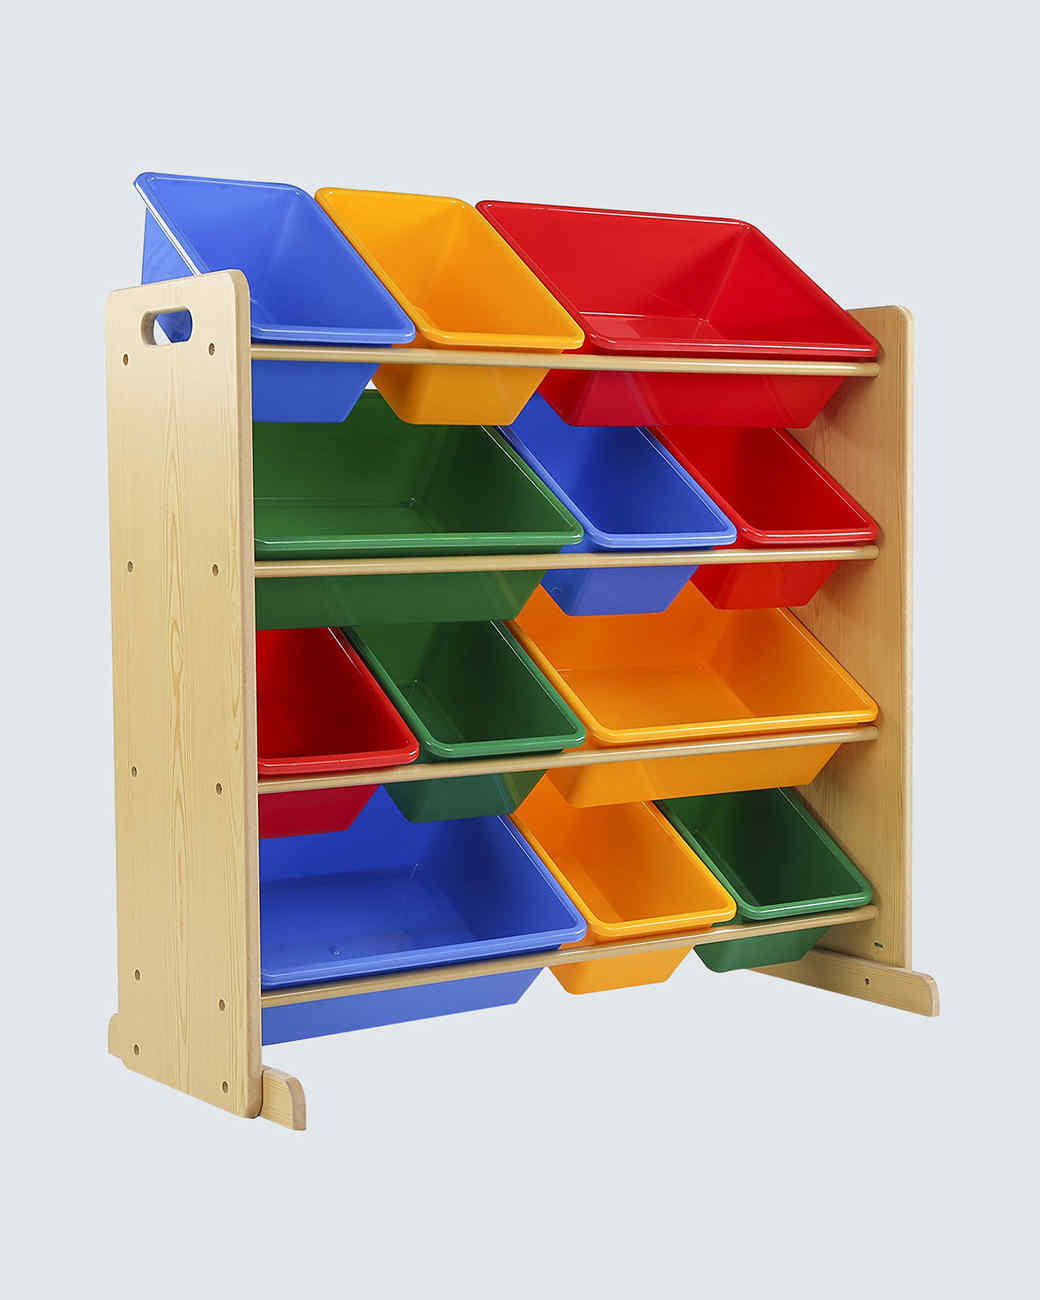 kids toy storage organizer with bins